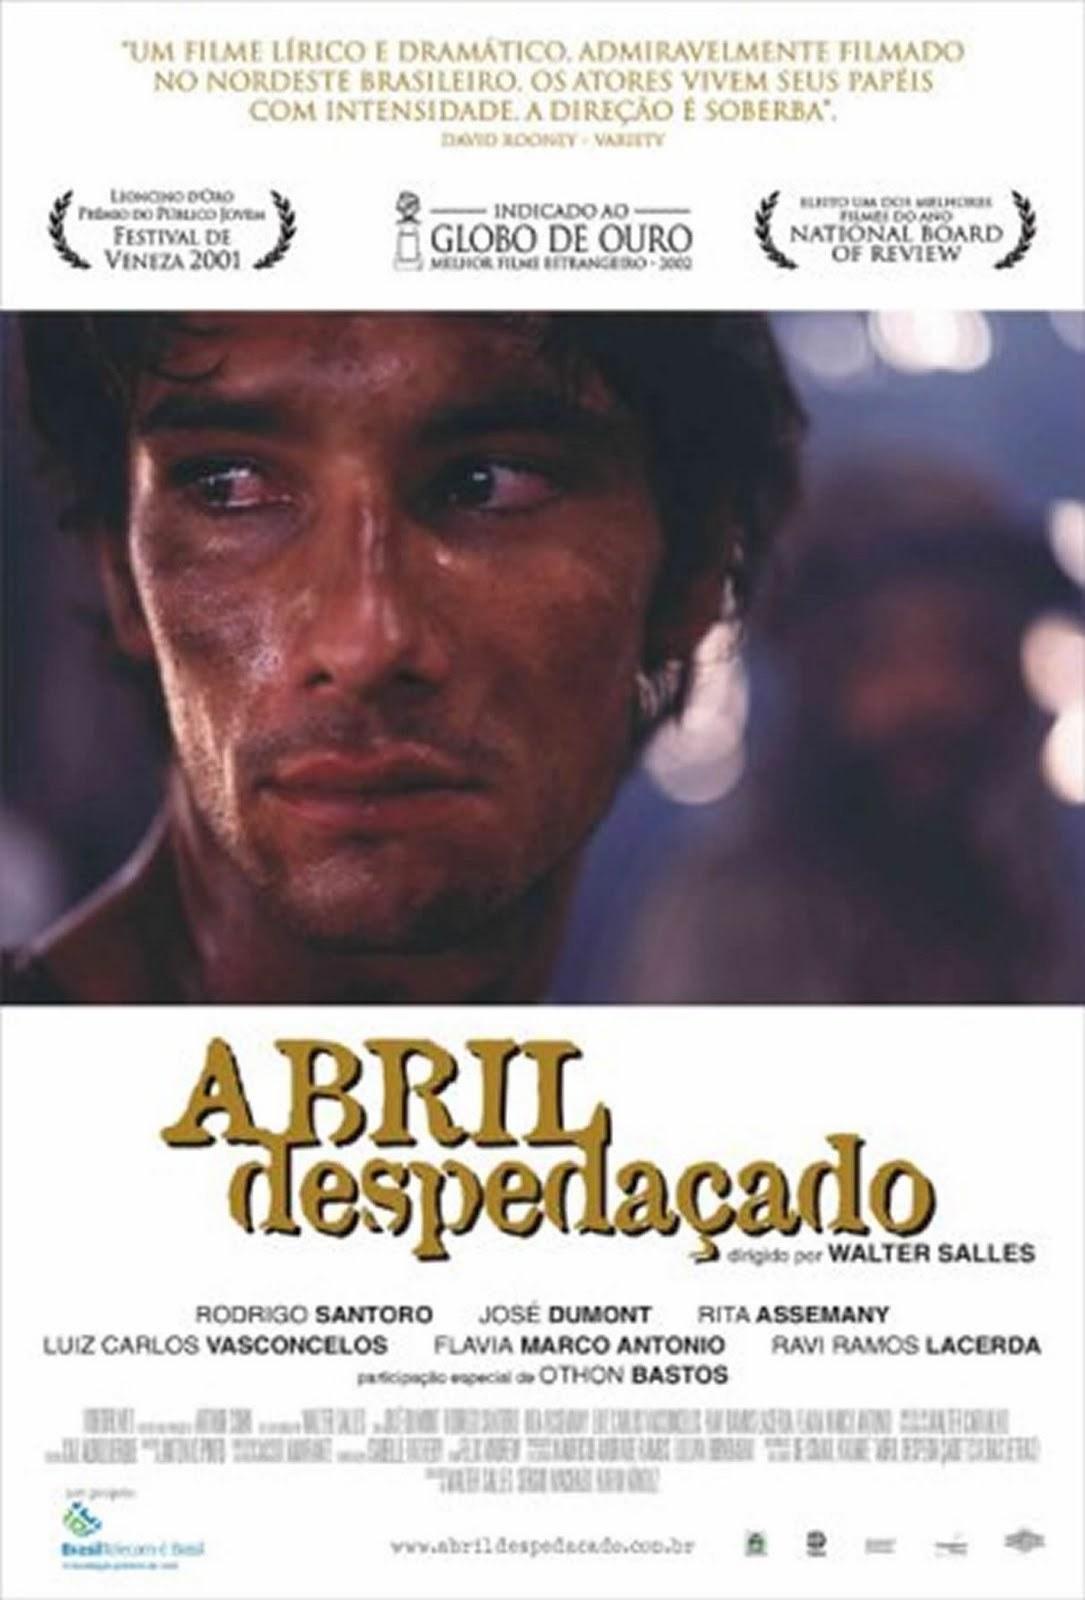 Melhores filmes de drama dos anos 2000 – Abril Despedacado